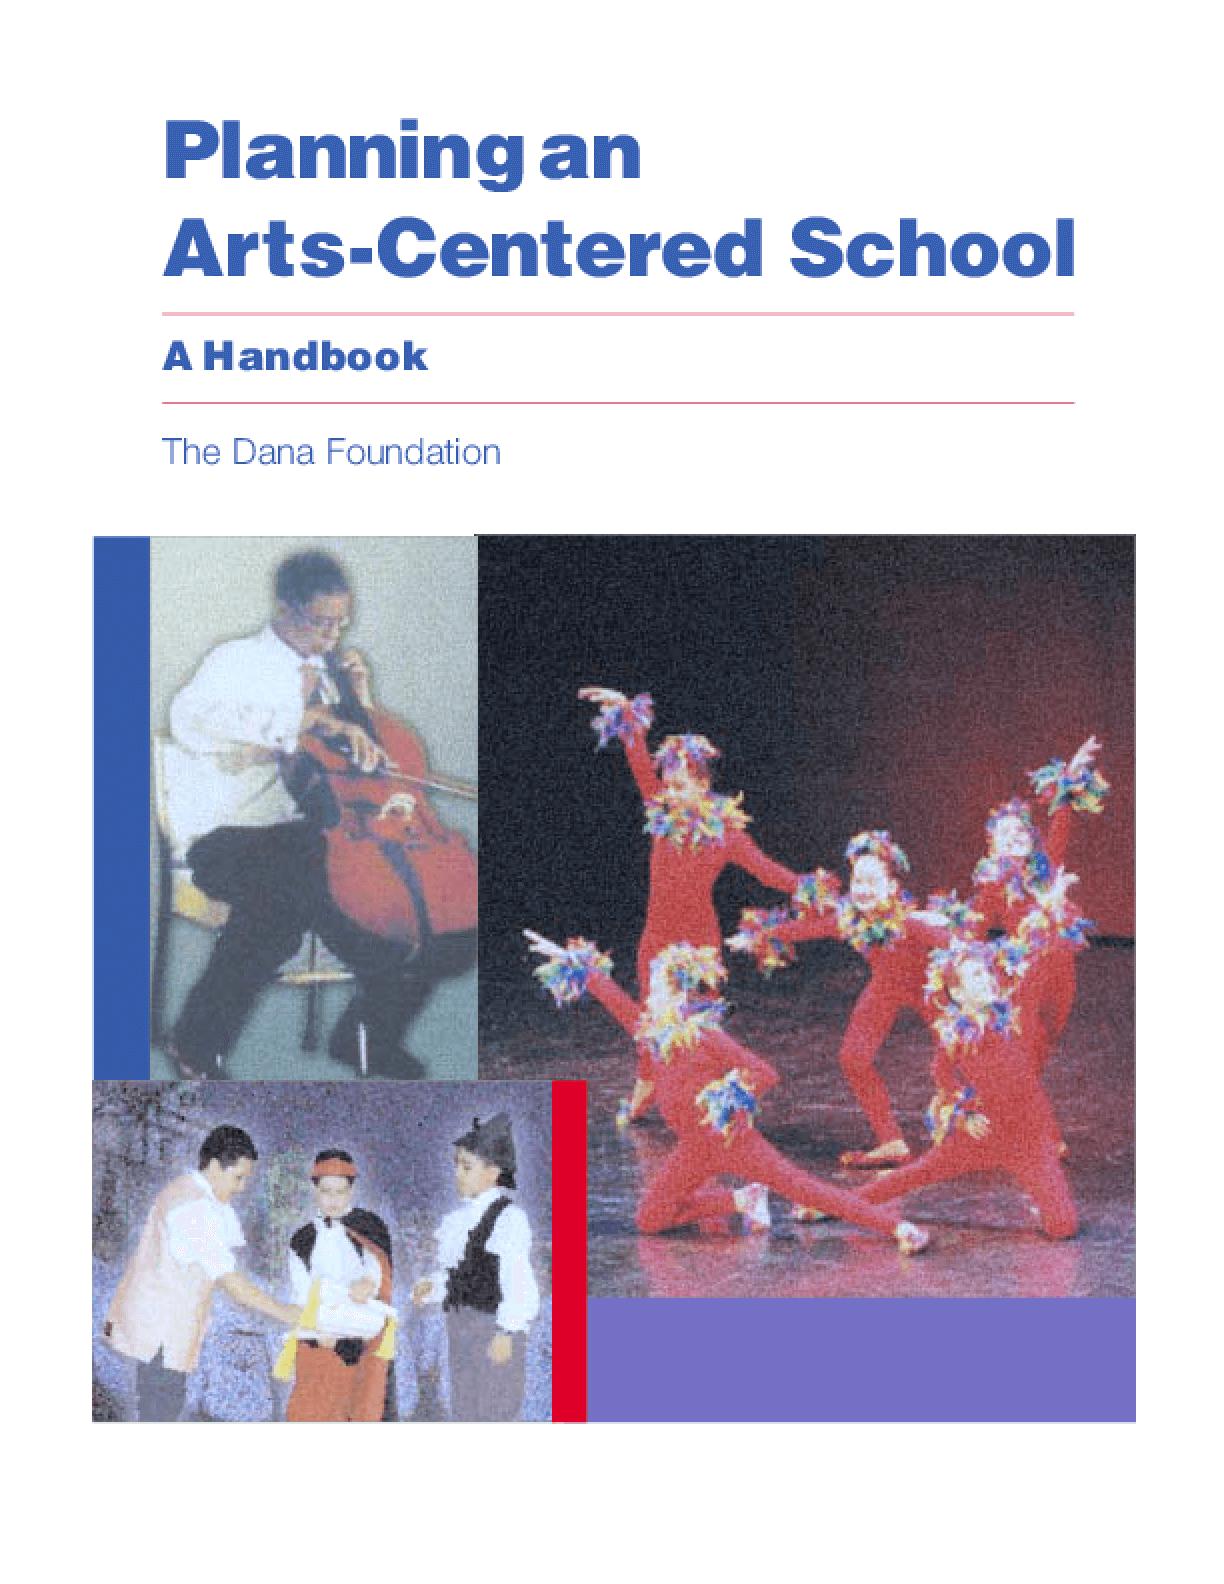 Planning an Arts-Centered School: A Handbook